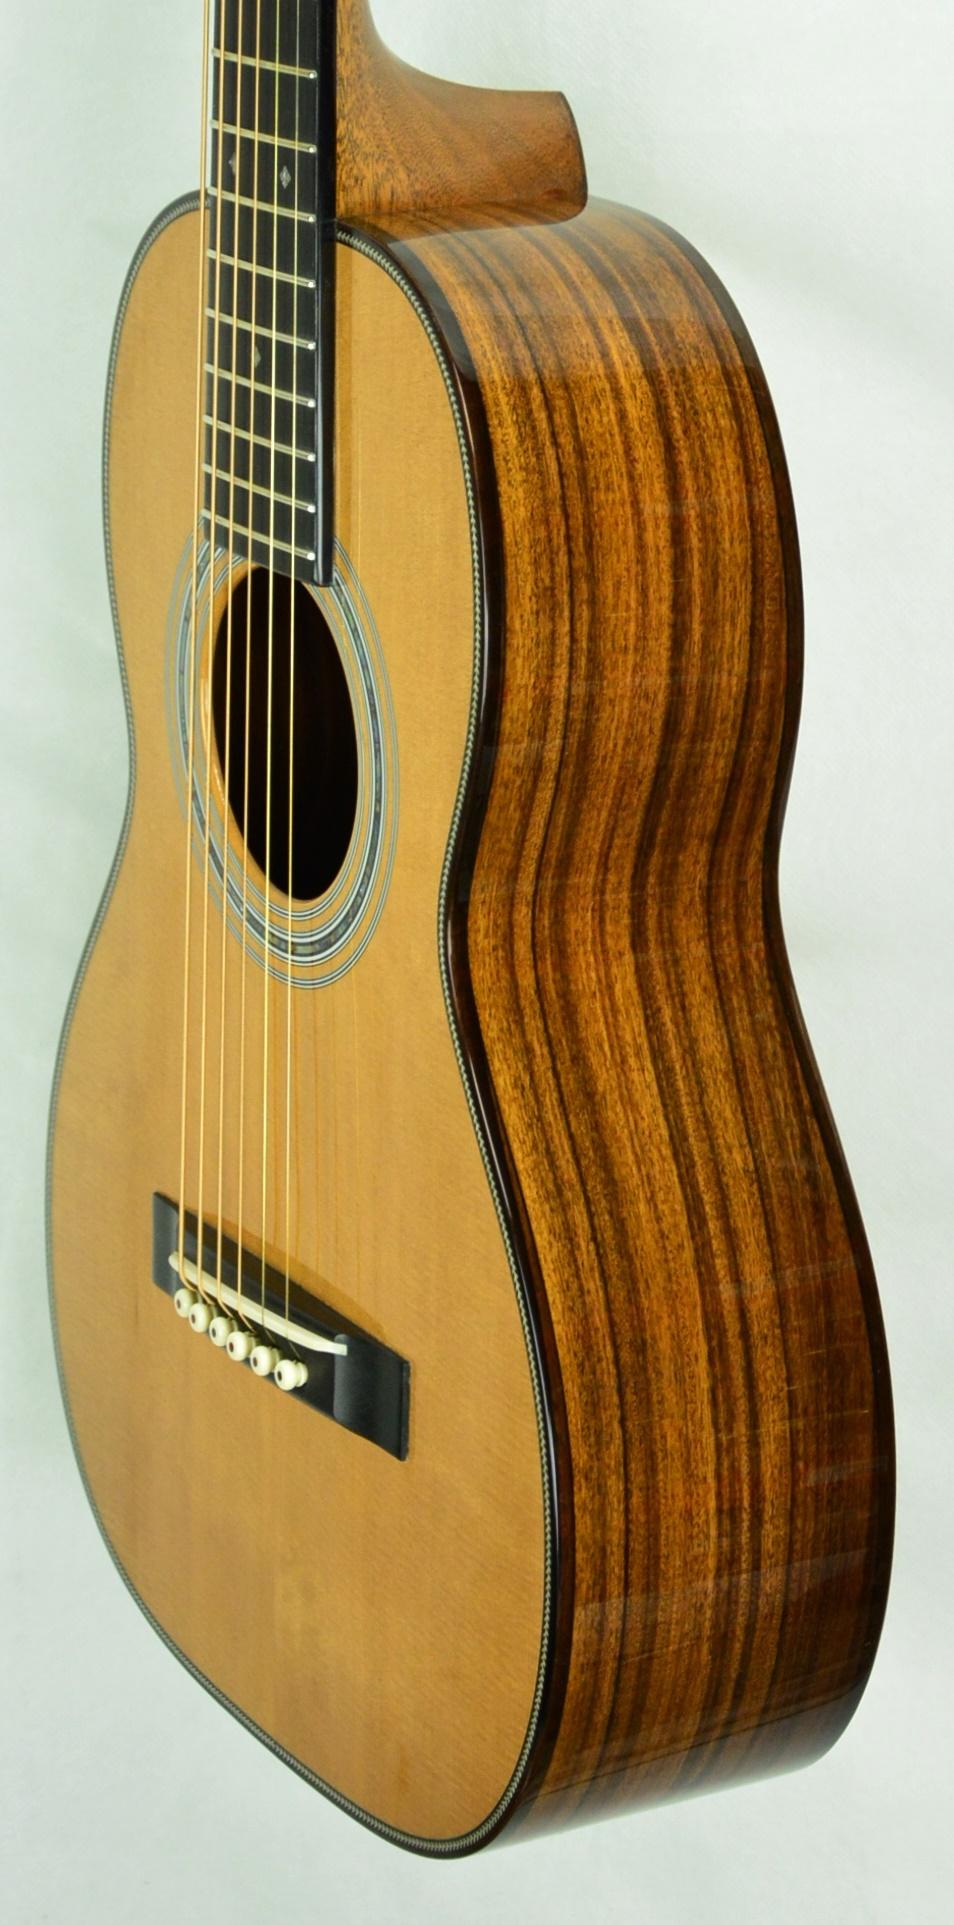 Q-2151424 S-1800387 Size 5 Morado Cedar  (13).JPG